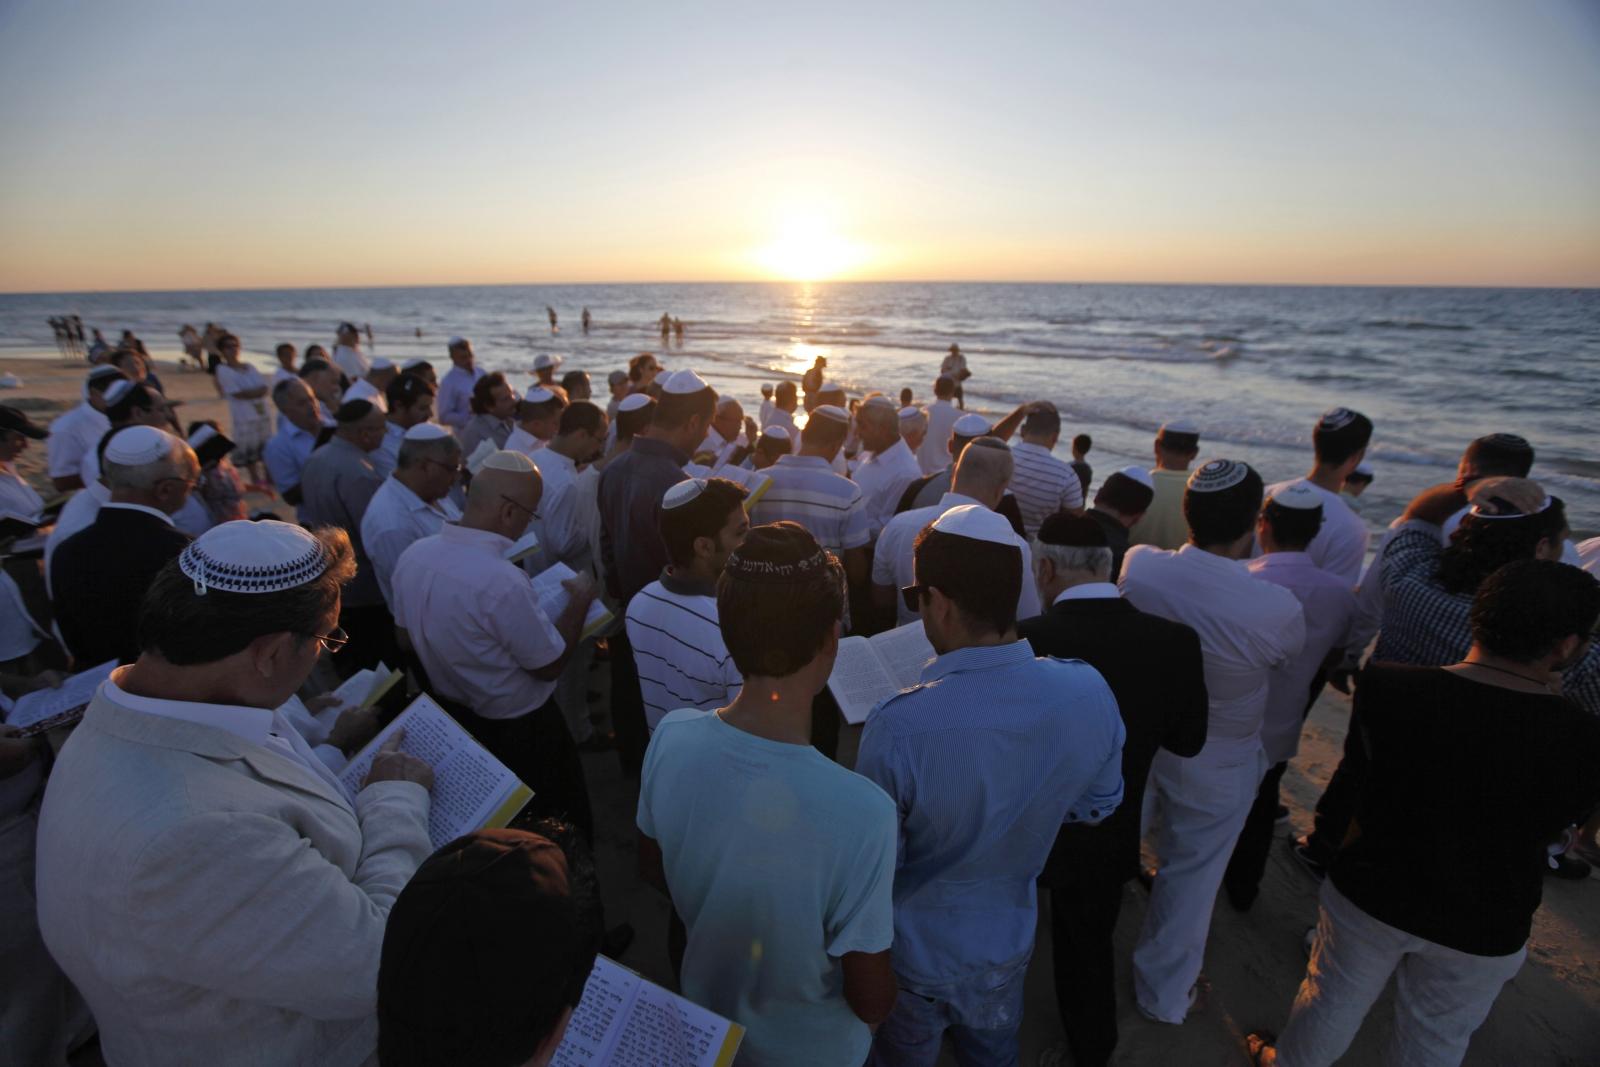 Rosh Hashanah 2015 Related Keywords & Suggestions - Rosh Hashanah 2015 ...